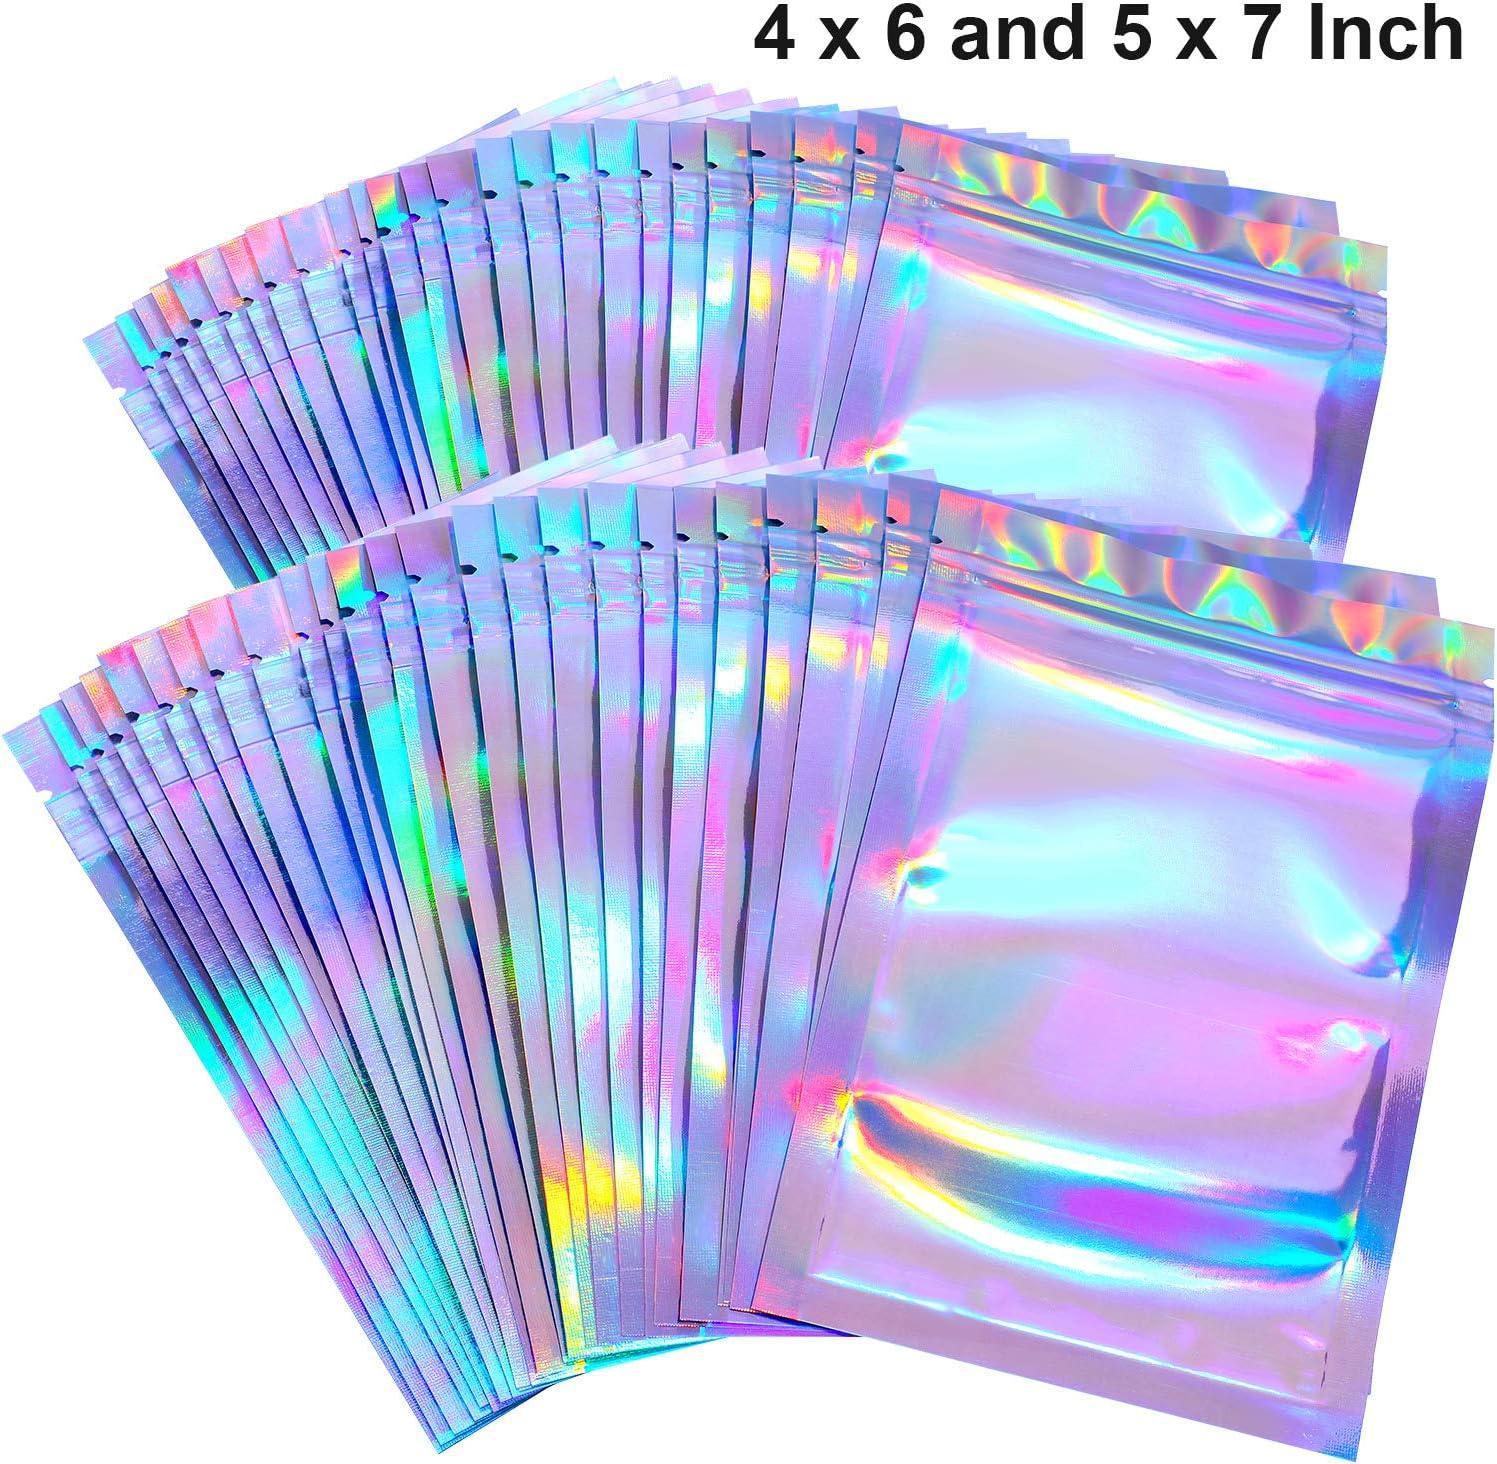 100 Pi/èces Sacs Refermables Anti-Odeur Sac de Pochette en Aluminium Sac Plat Ziplock pour Faveur de F/ête Stockage de Nourriture Couleur Holographique, 3 x 4 Pouces et 5 x 7 Pouces